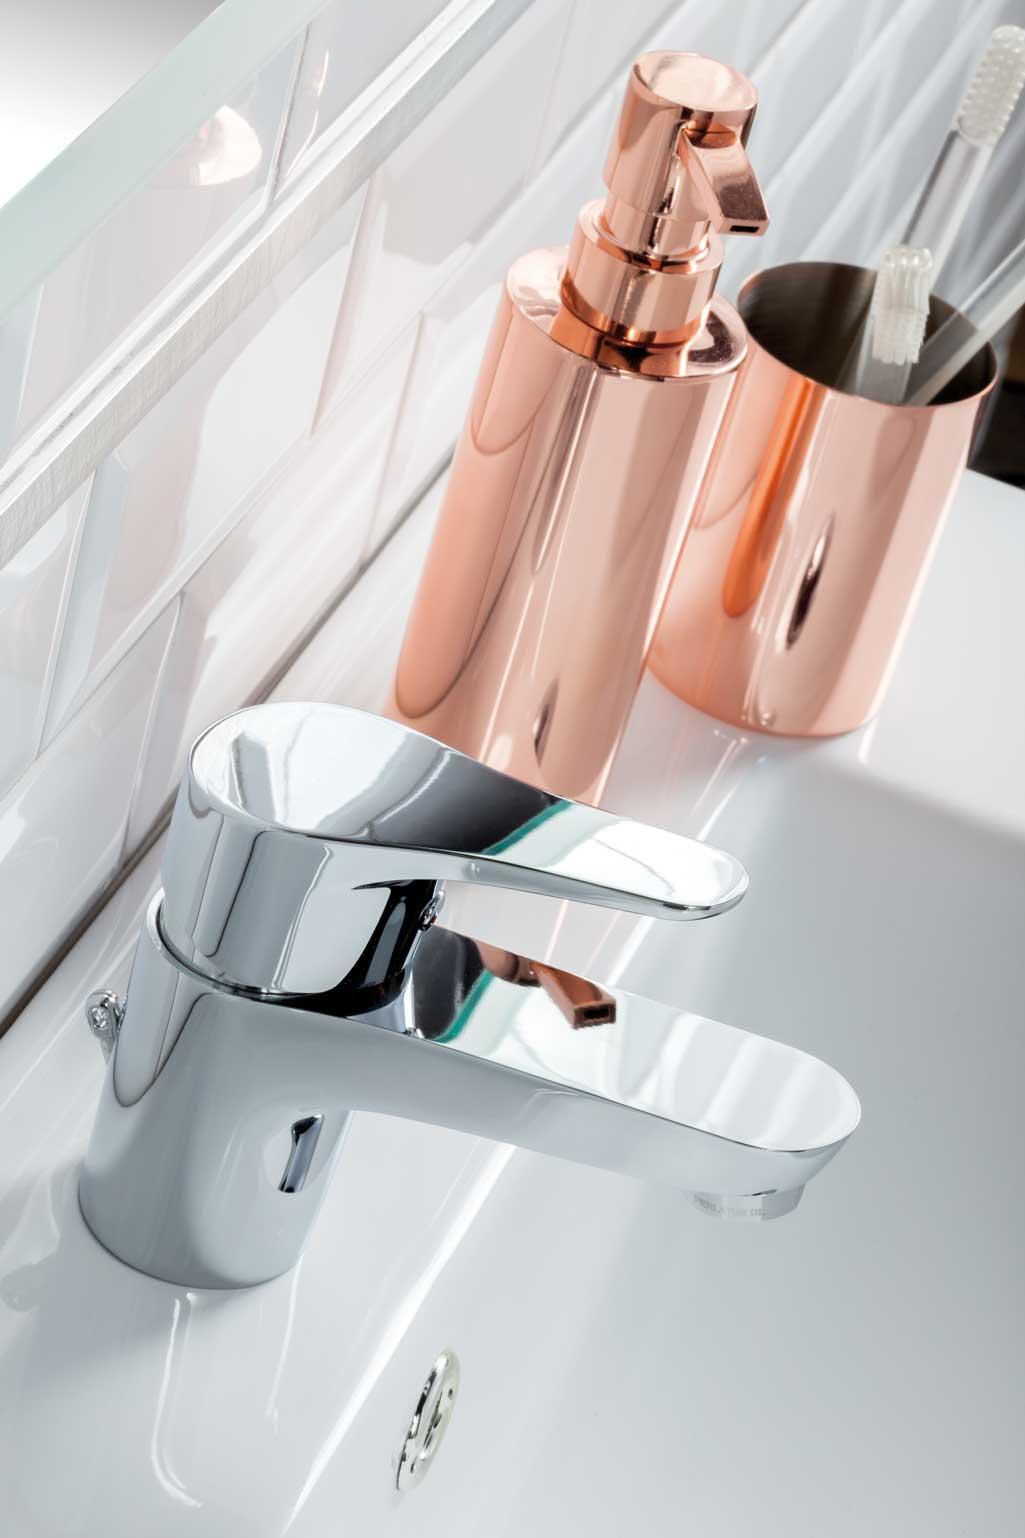 Accesorios De Baño Tress:Accesorios de baño en tono cobre Están dispuestos sobre un lavabo y